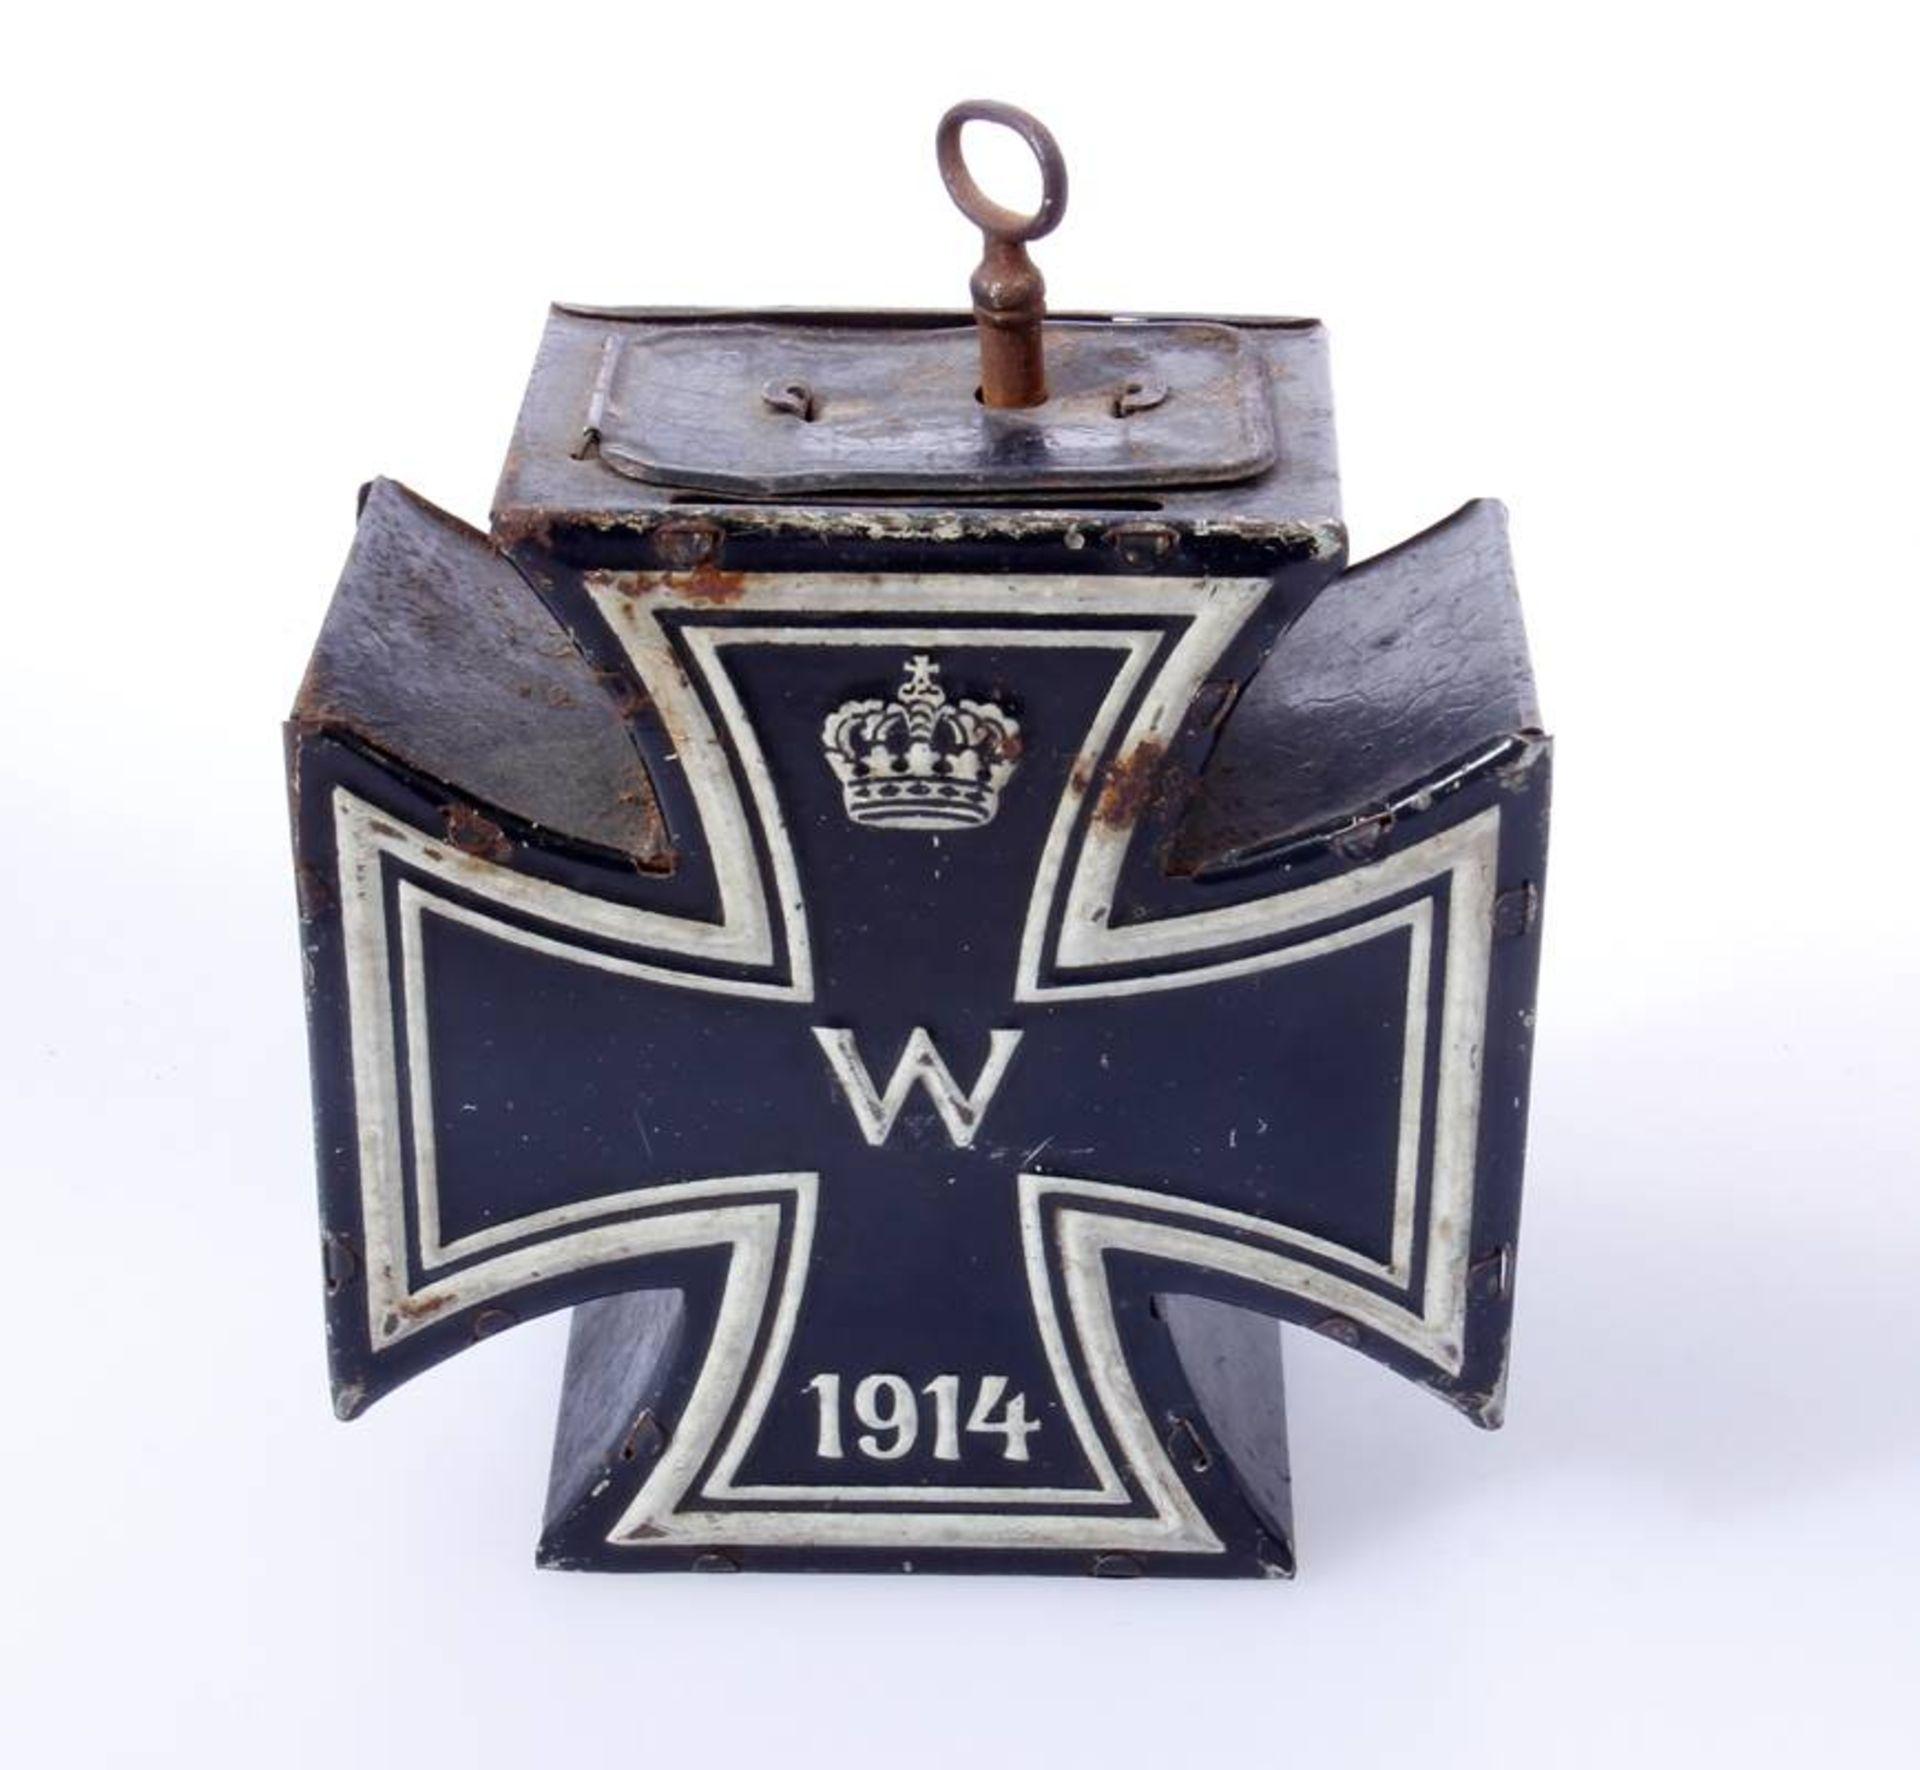 Spardose Eisernes Kreuz 2. Klasse 1914Großes Kreuz in der Form des Eisernen Kreuze 1914. Spardose